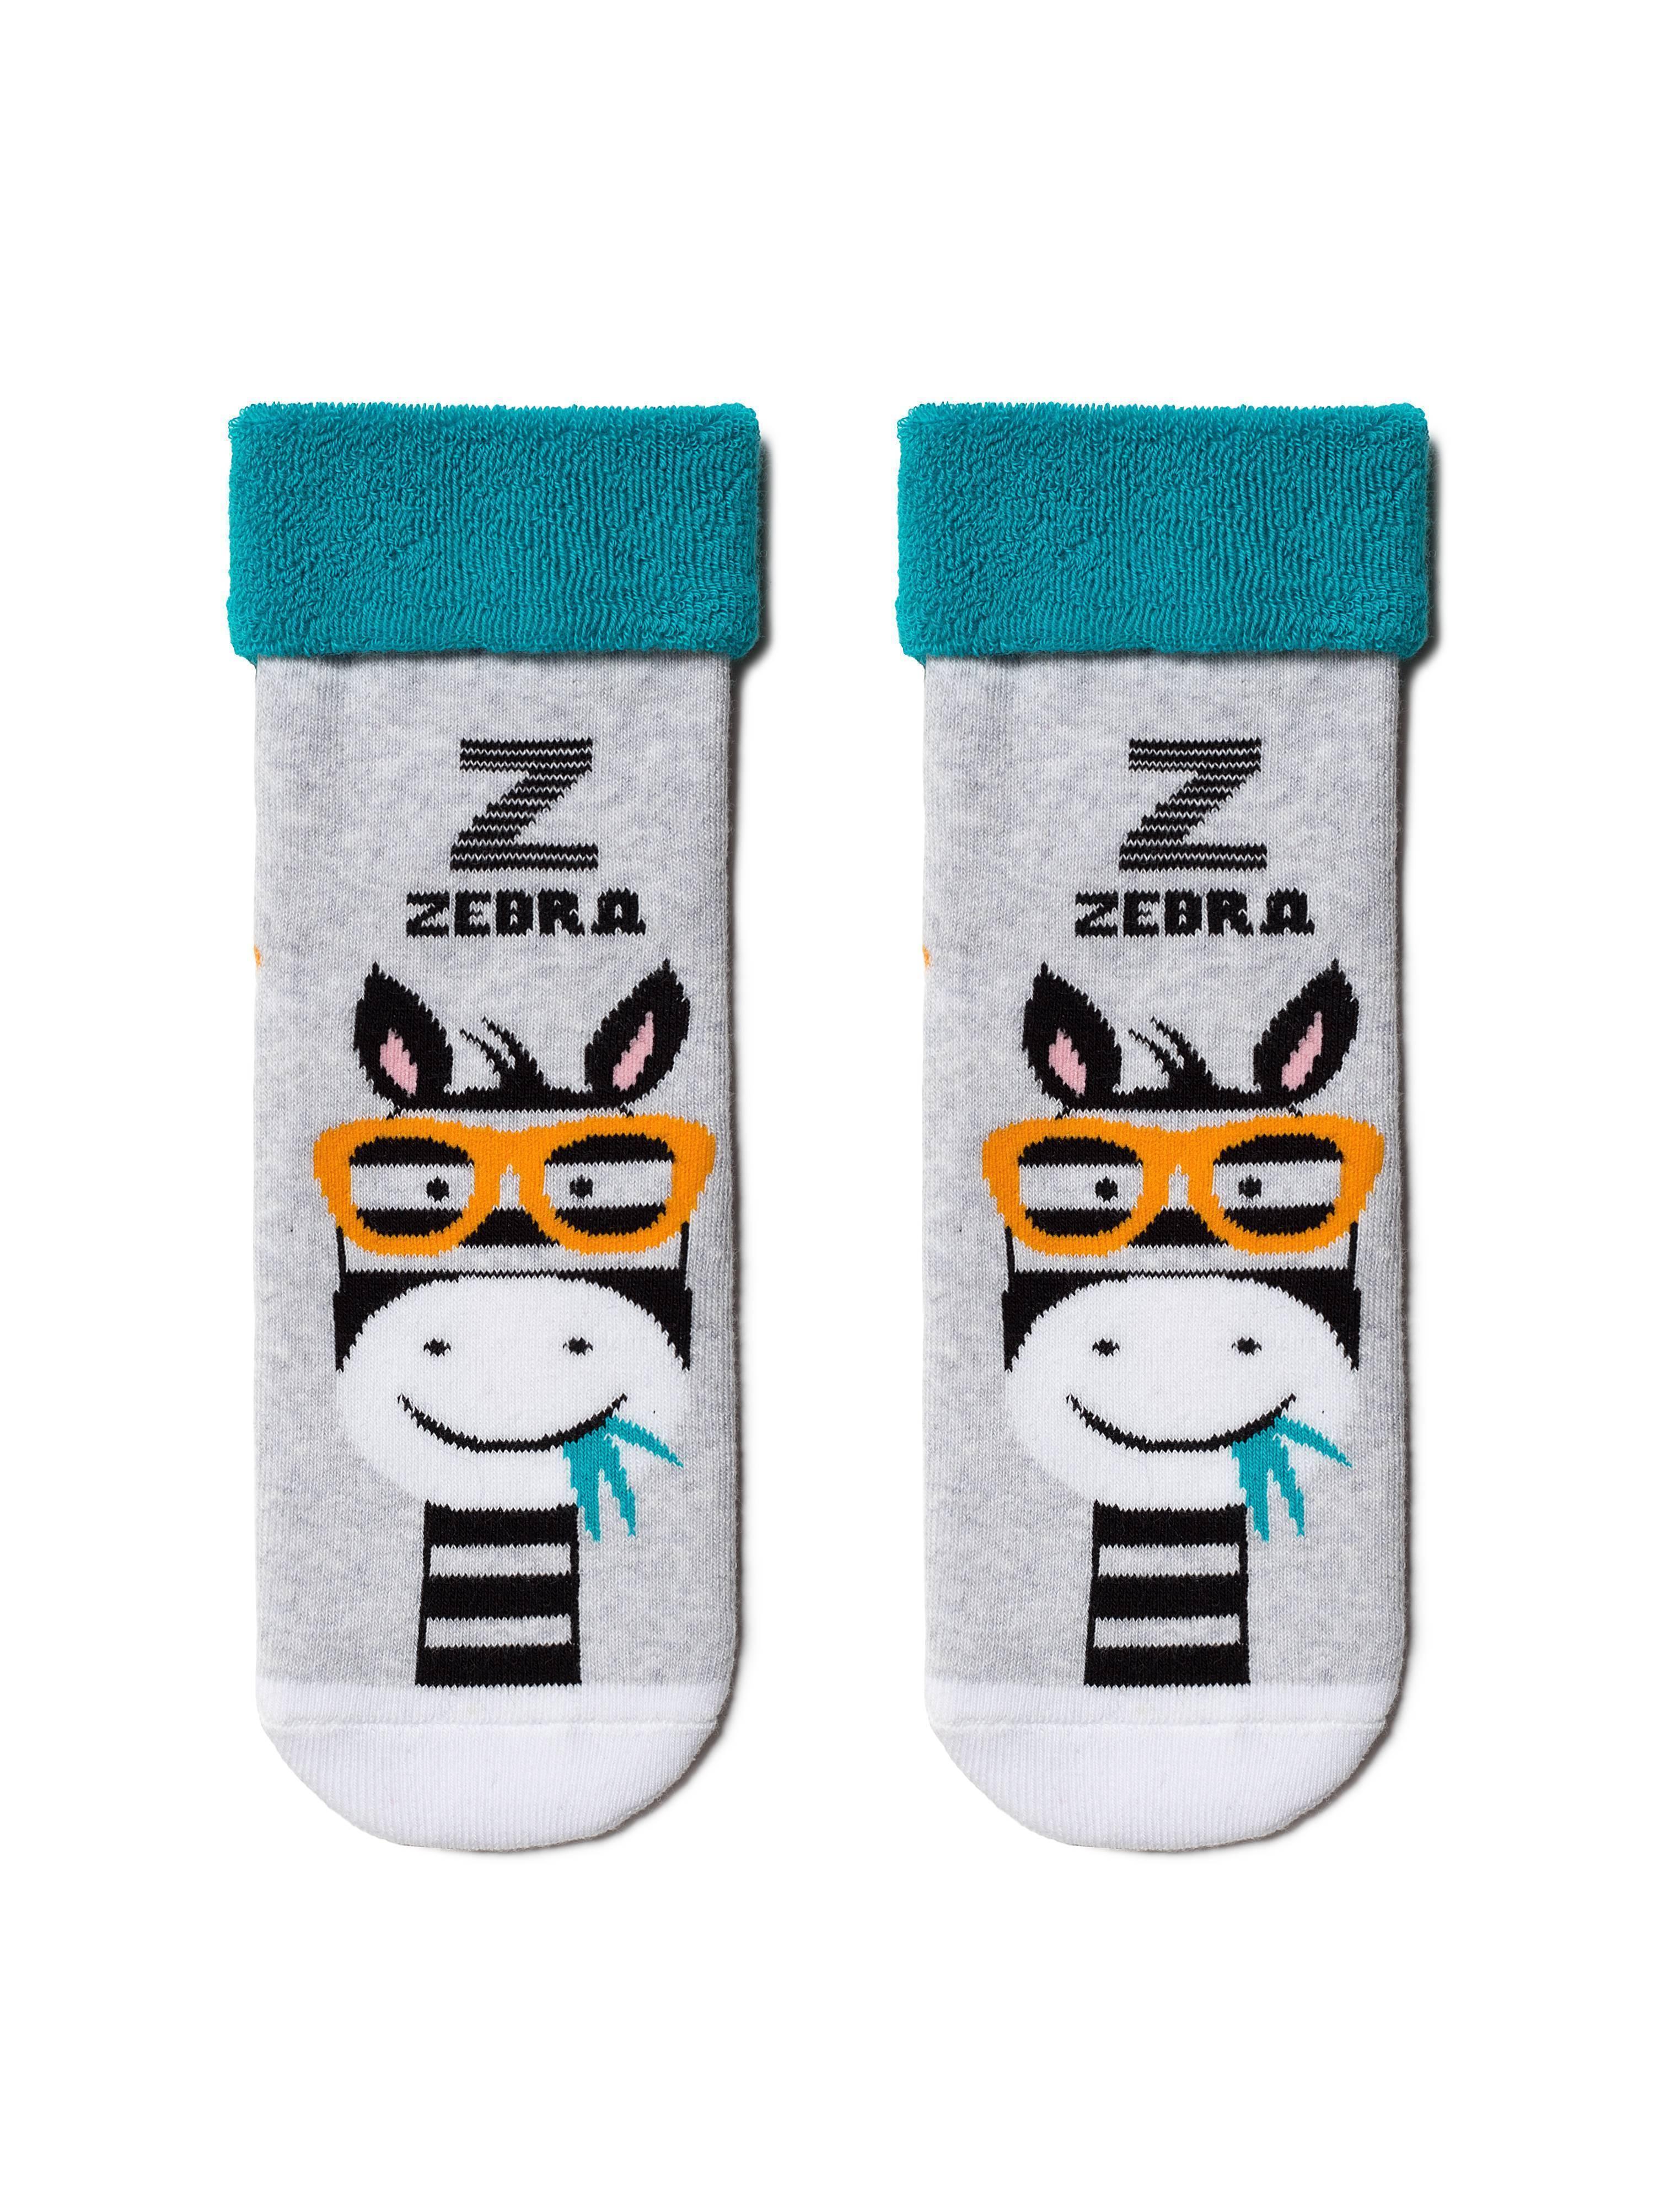 Фото - Носки детские ⭐️ Махровые носки SOF-TIKI с отворотом ⭐️ цвет светло-серый-бирюза